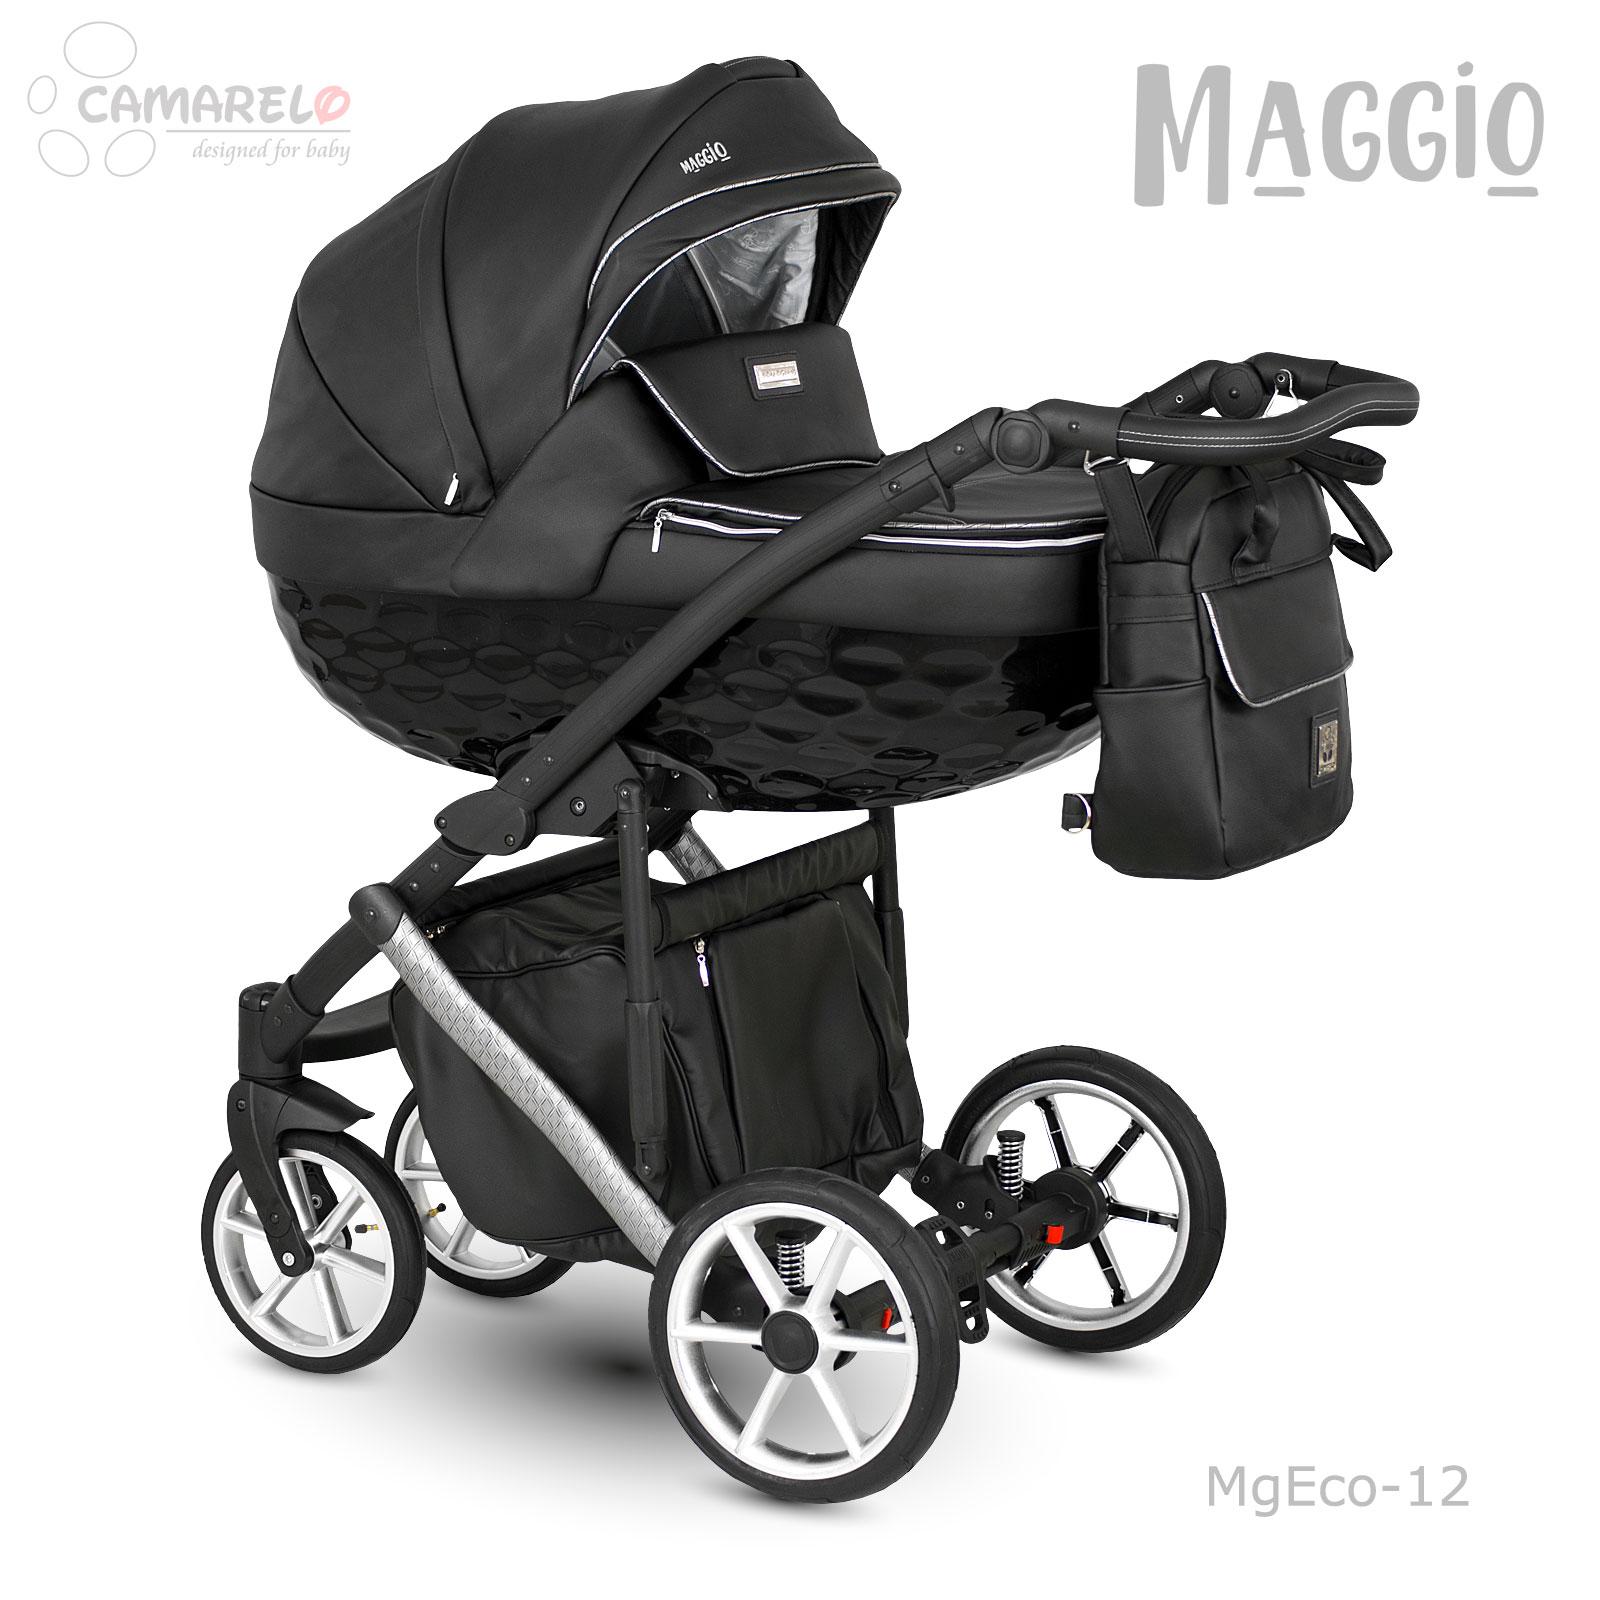 Maggio-MgEco-12a